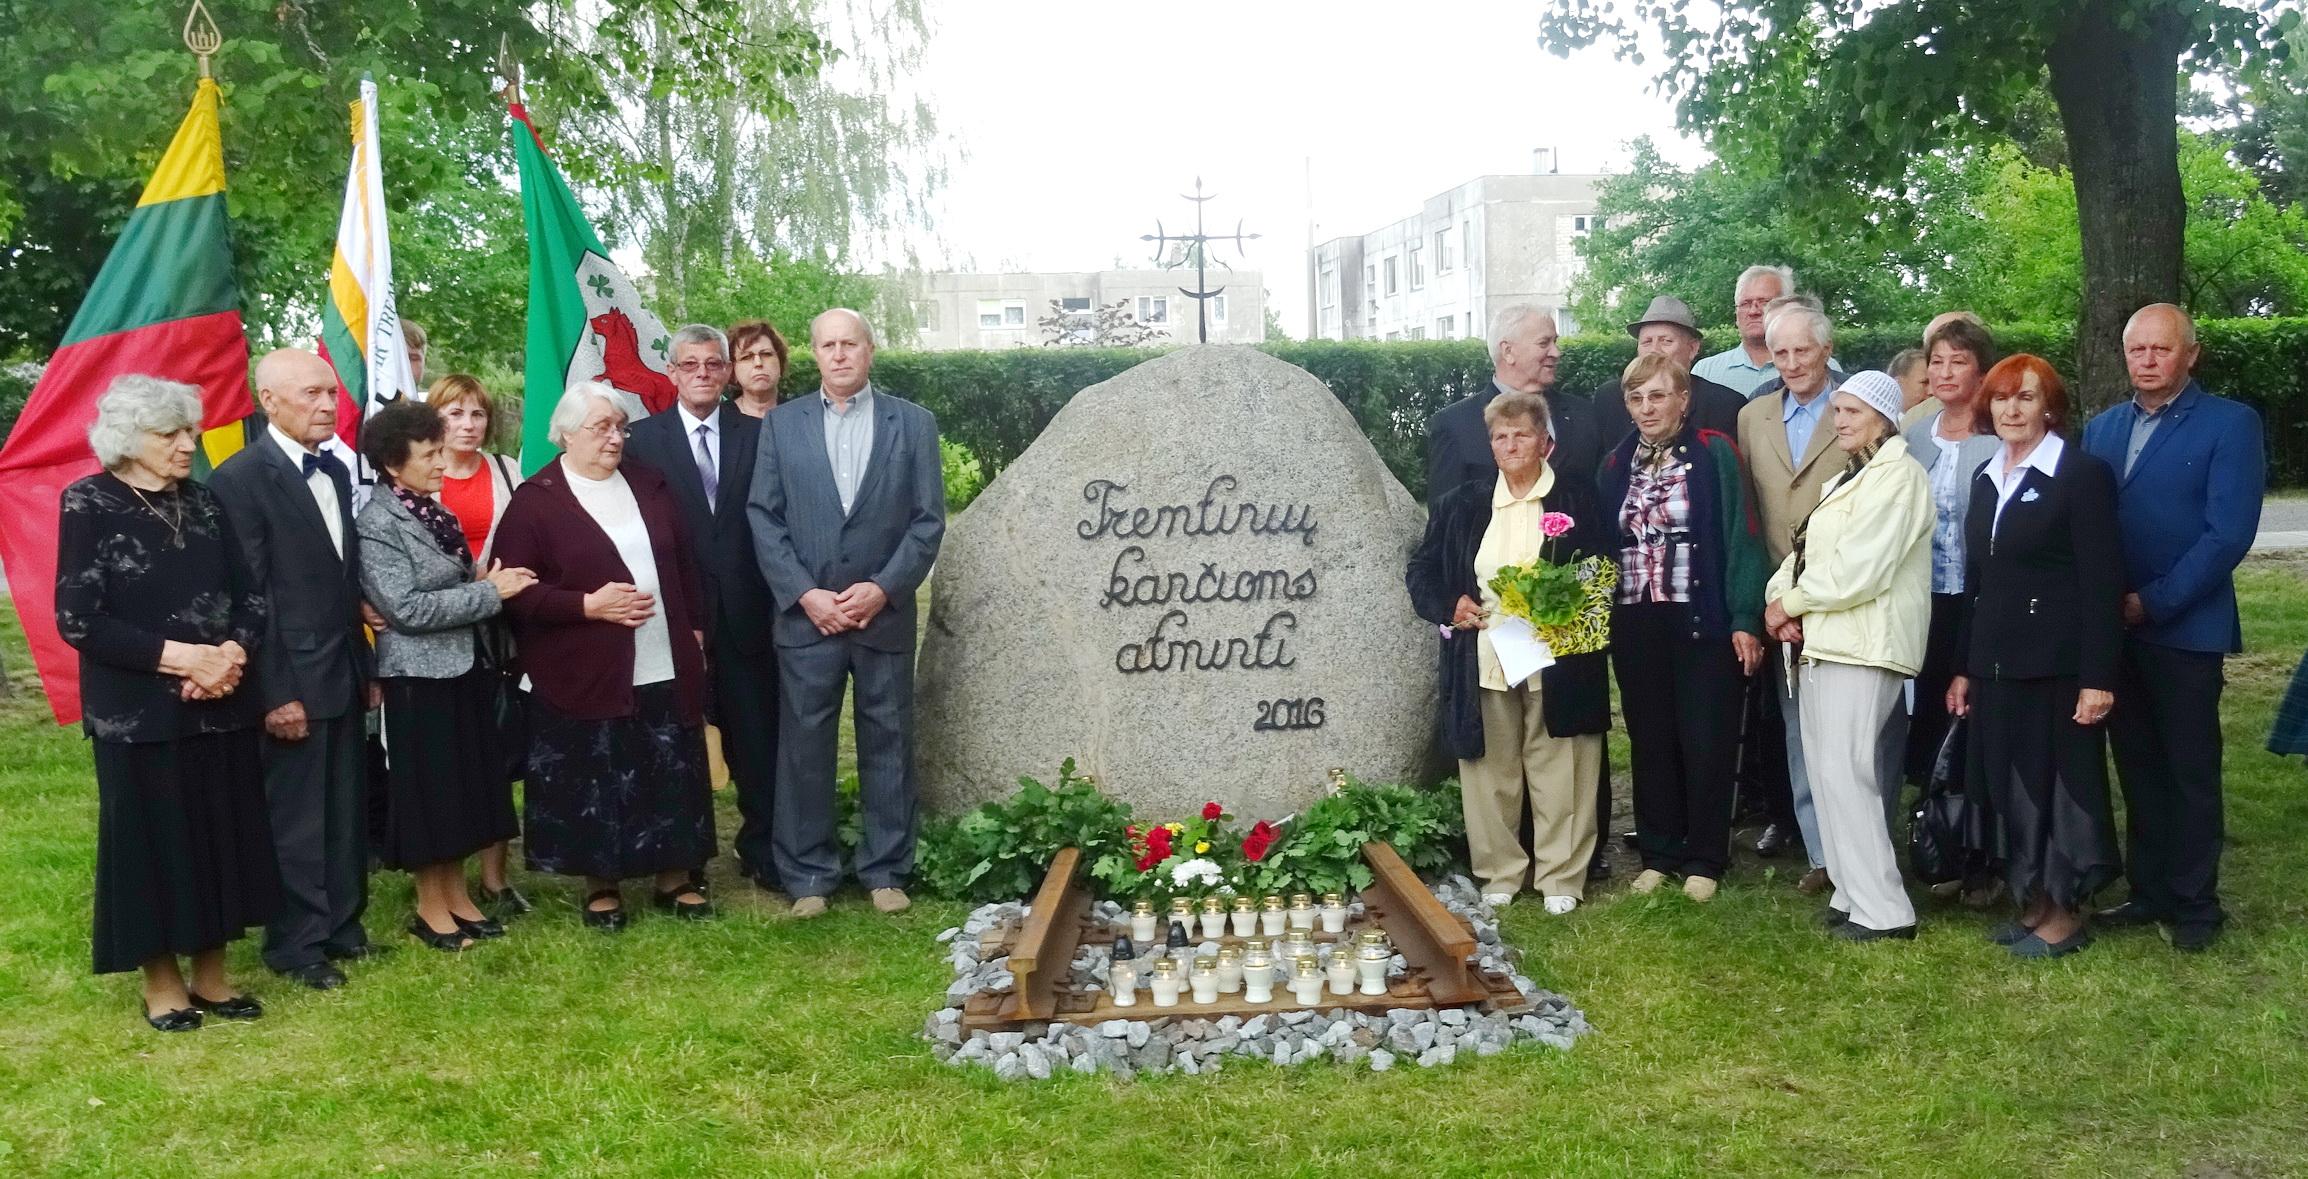 Tremties kančių neužmiršusiems žmonėms šis paminklinis akmuo Stoniškių parke – svarbus simbolinis ženklas.